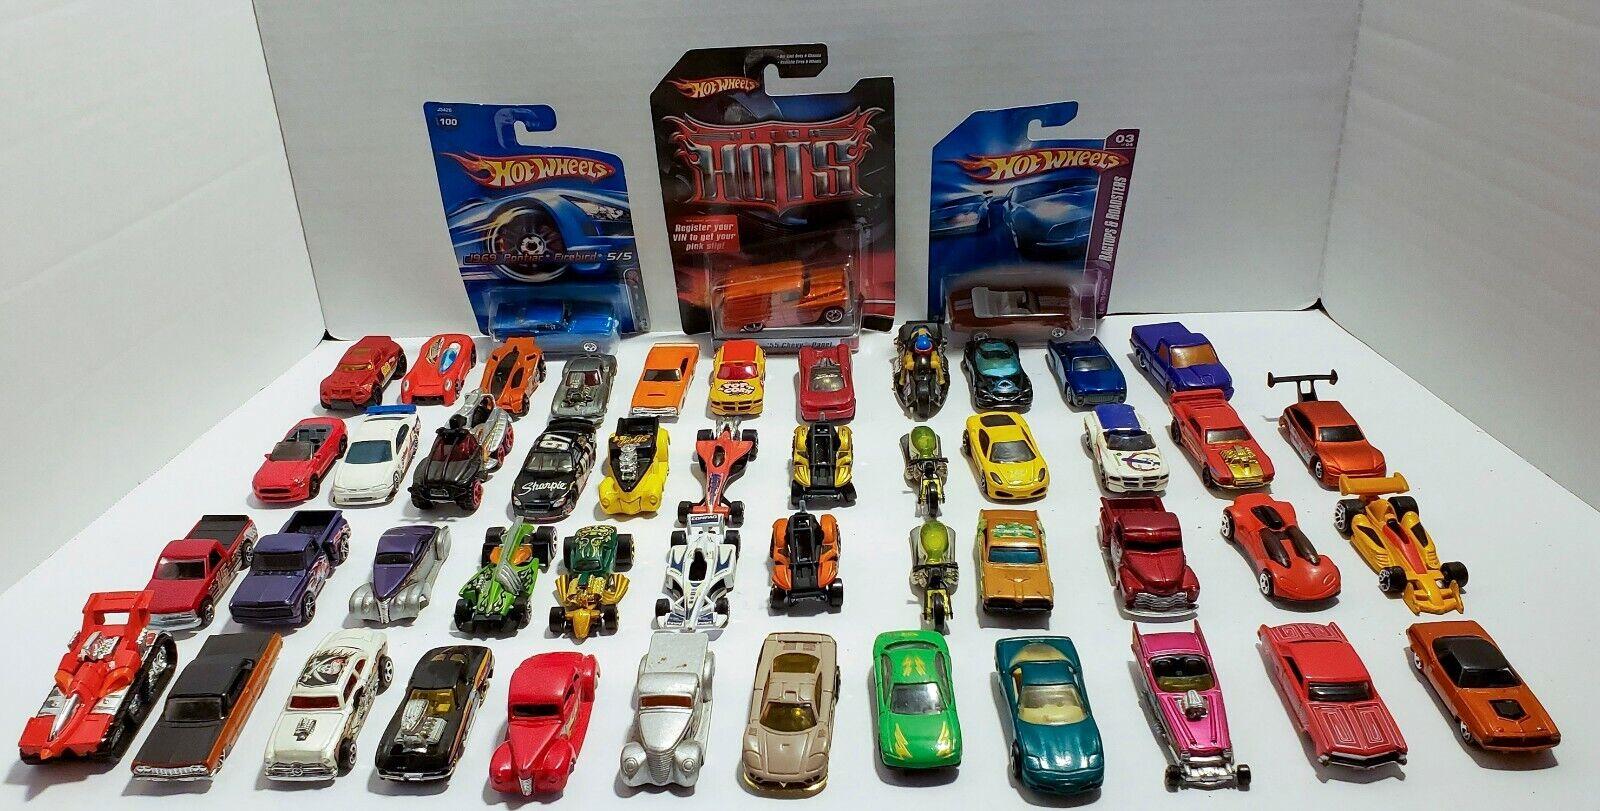 Lote coches de juguete de 50 Hot Wheels Coches década de 1990 a década de 2000 + Ultra Dama Envío Gratis